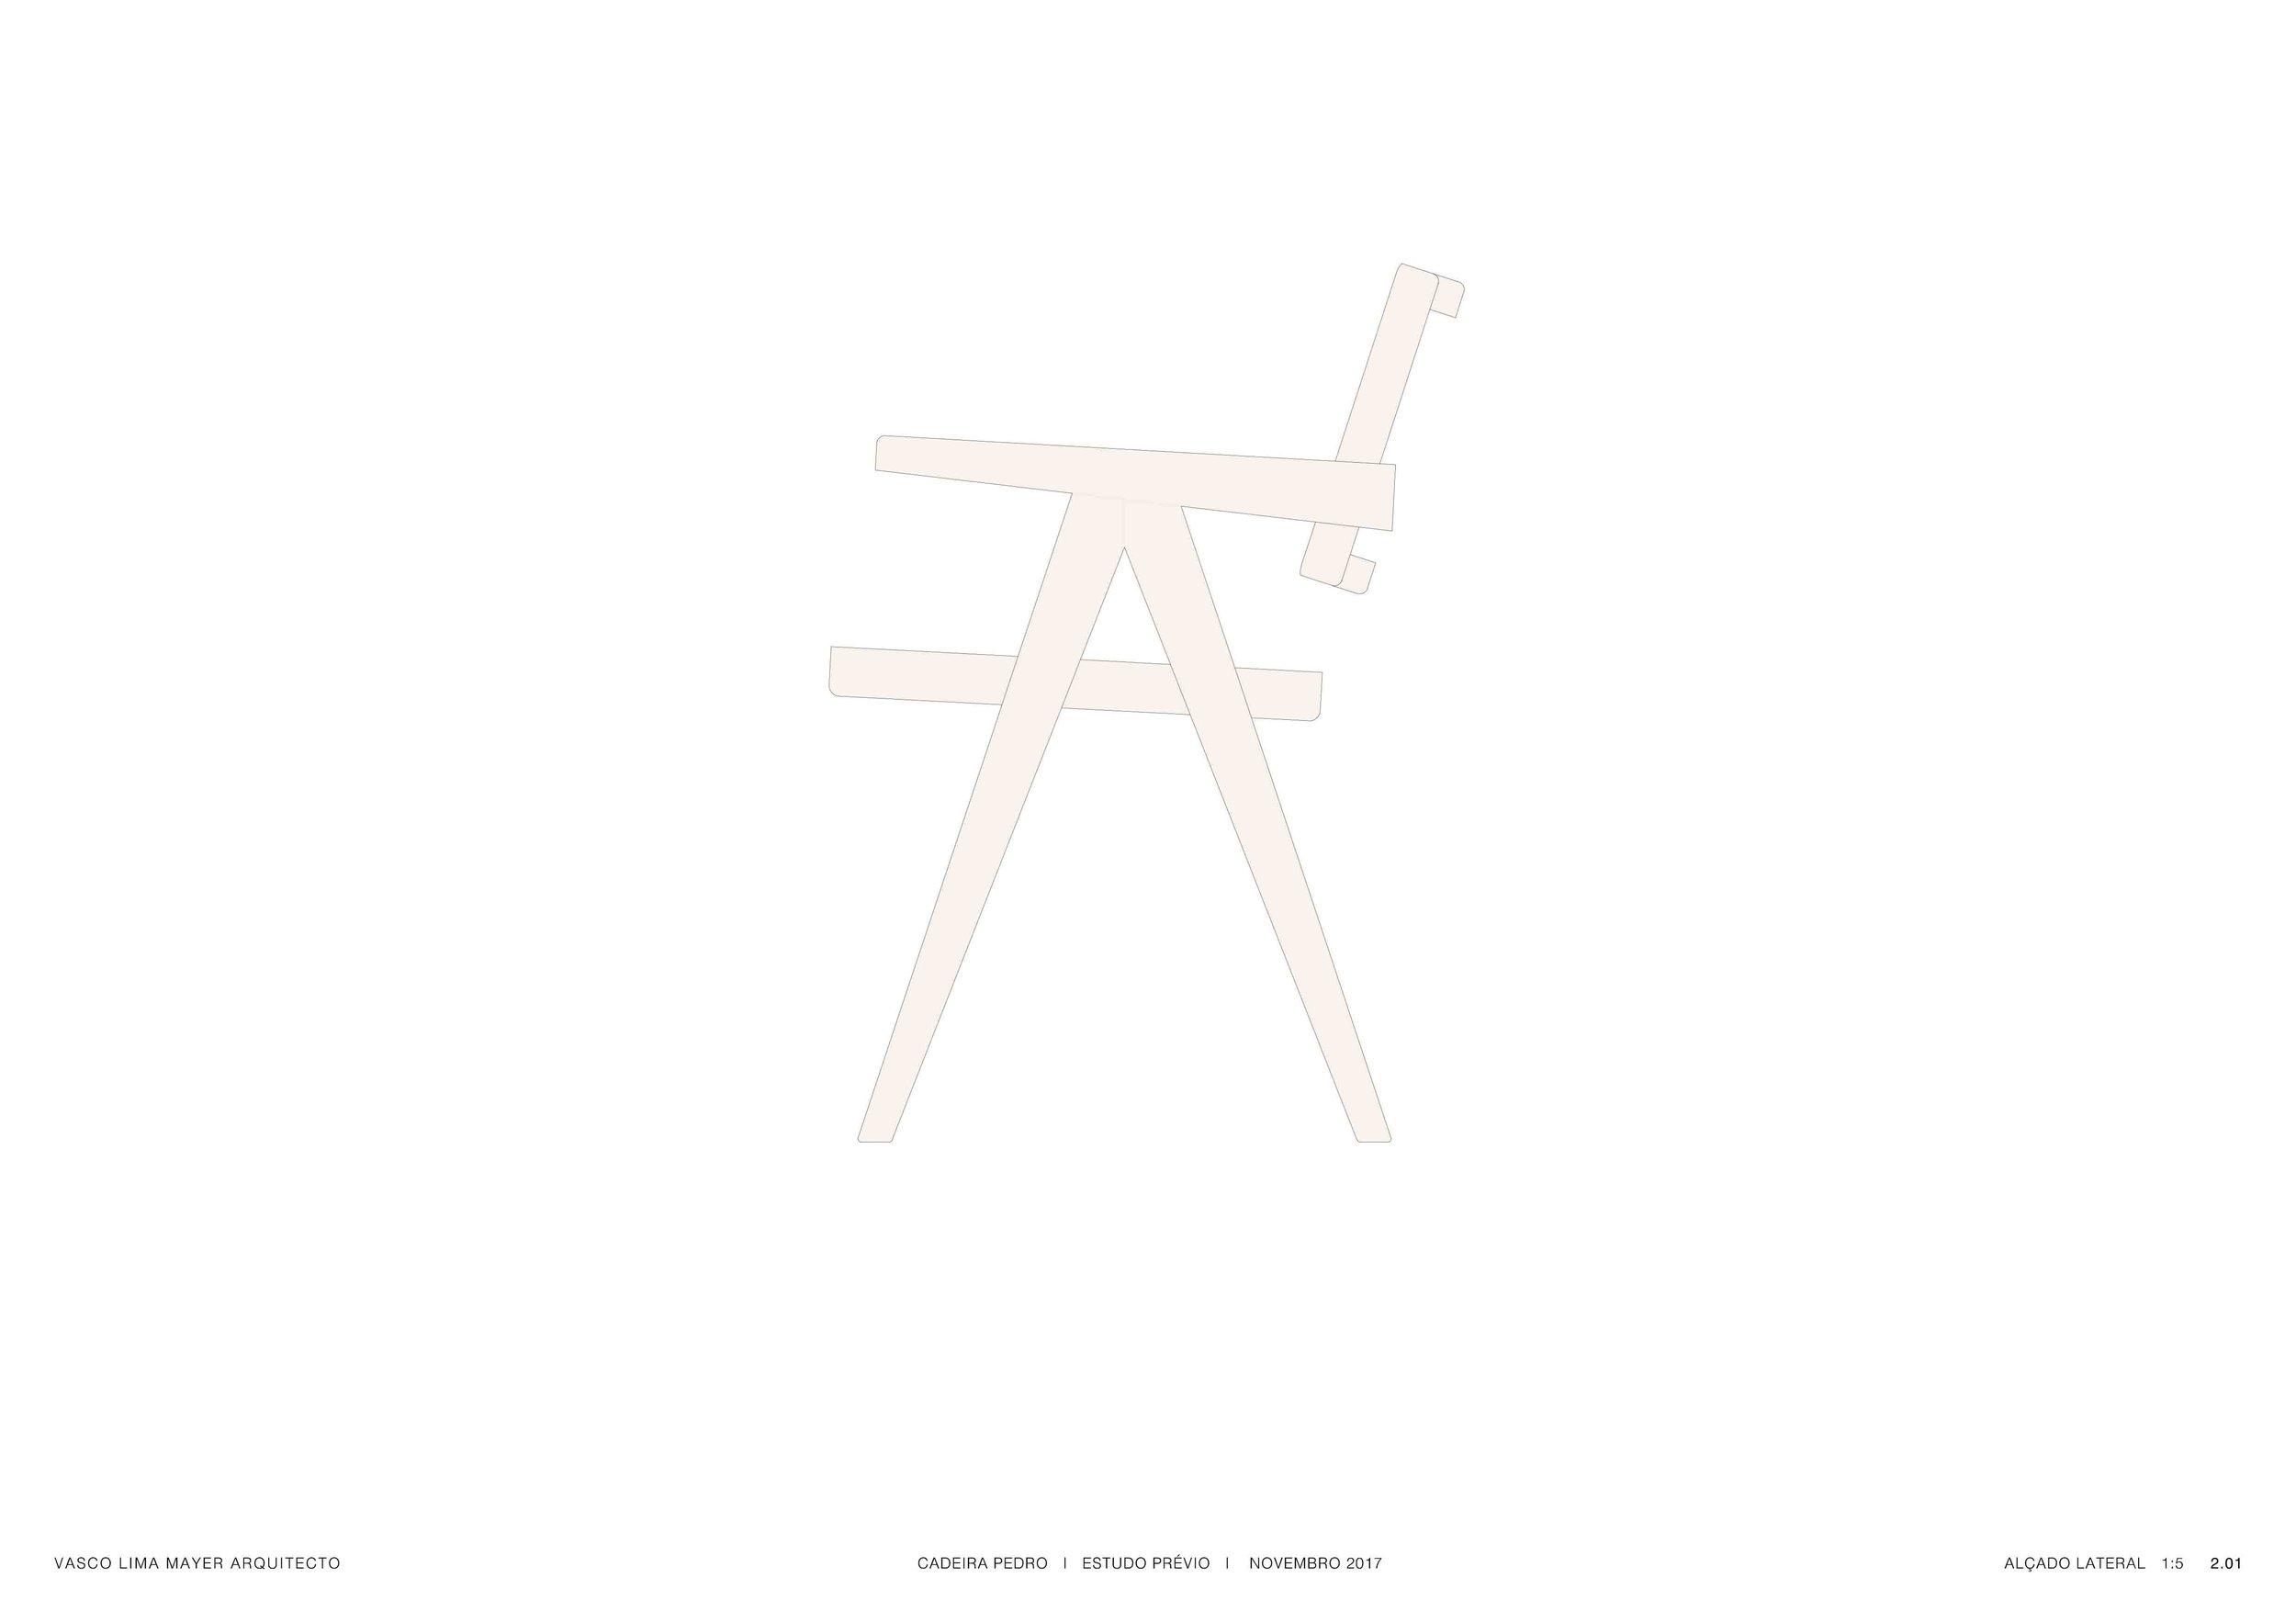 05_Desenho_Cadeira-Pedro.jpg